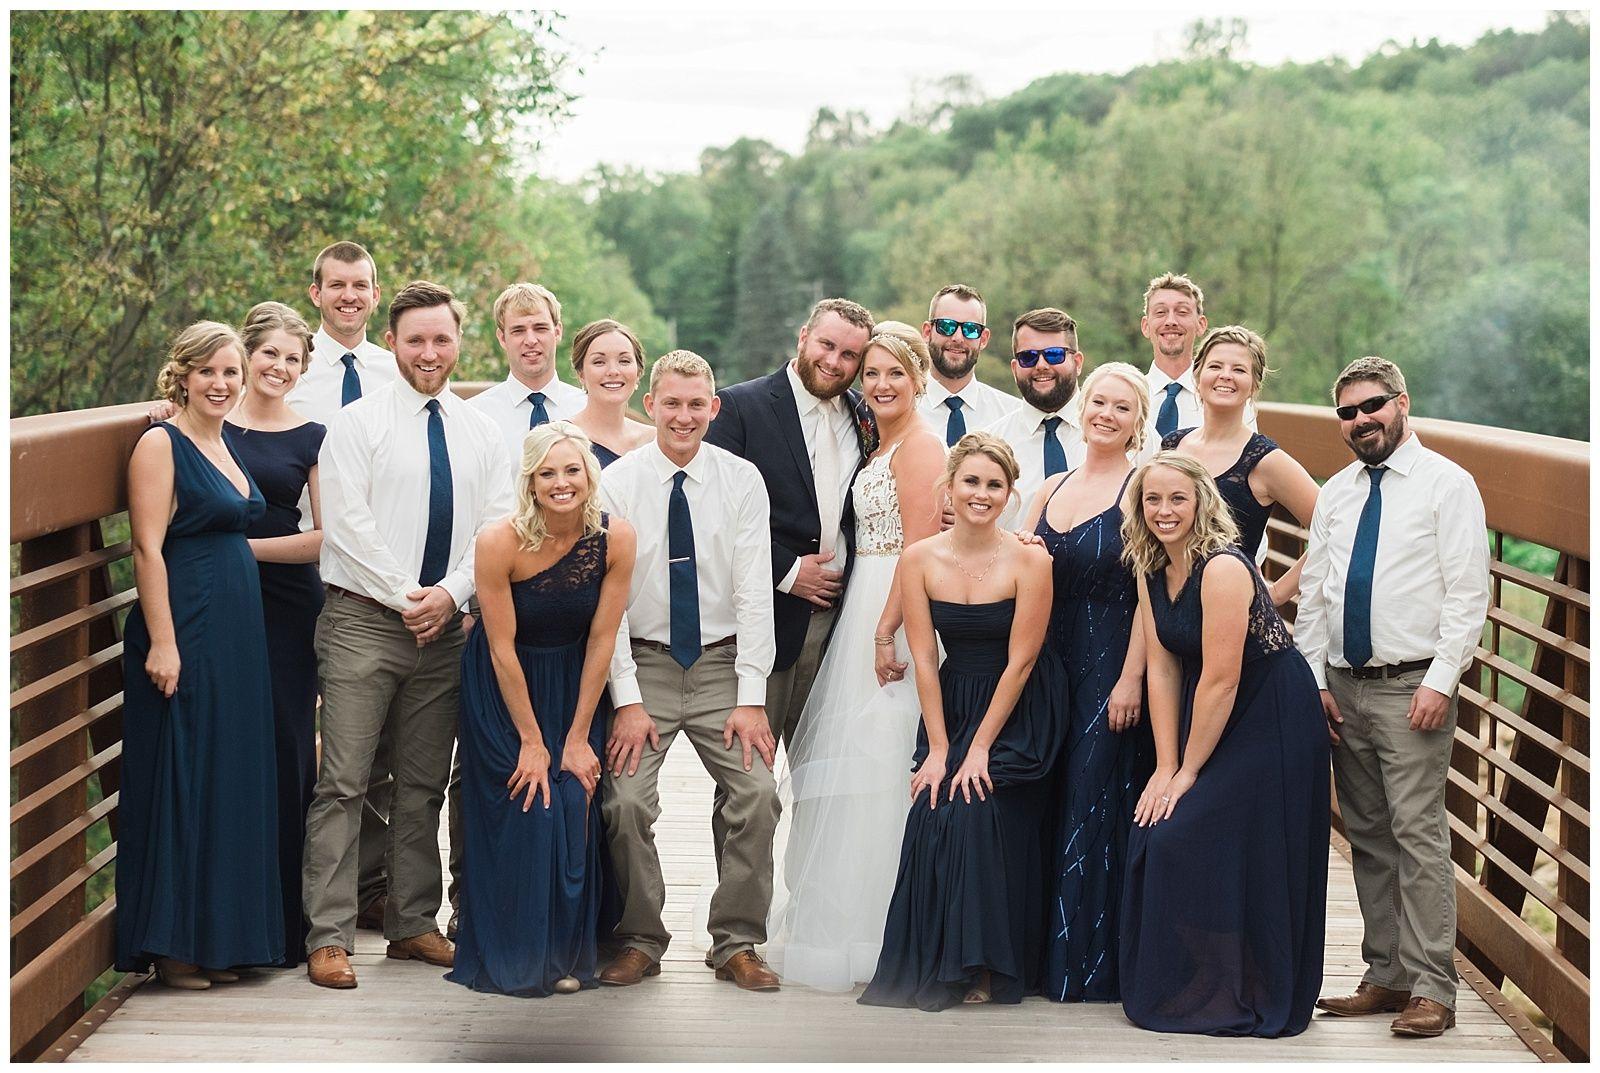 Minnesota Summer Wedding. Minnesota Wedding Venue. Outdoor ...